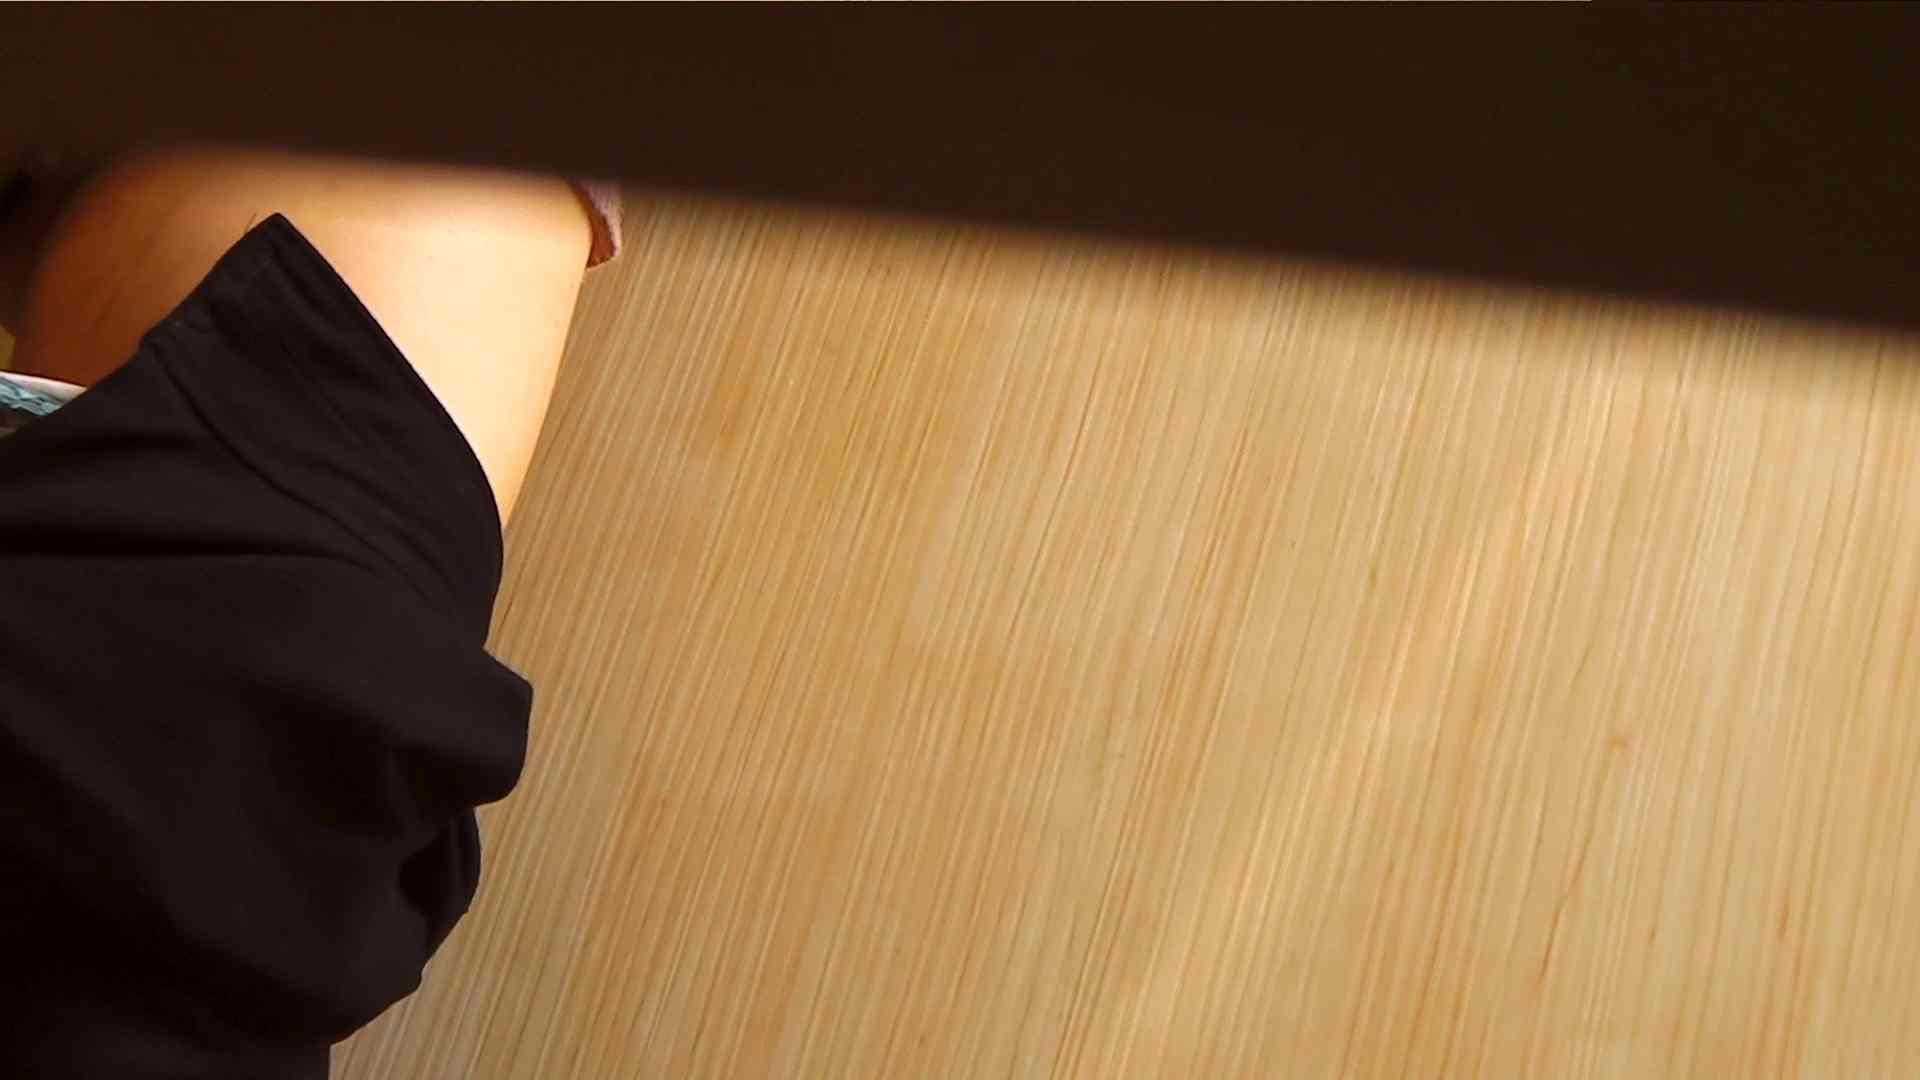 阿国ちゃんの「和式洋式七変化」No.1 盛合せ | 洗面所のぞき  89枚 56